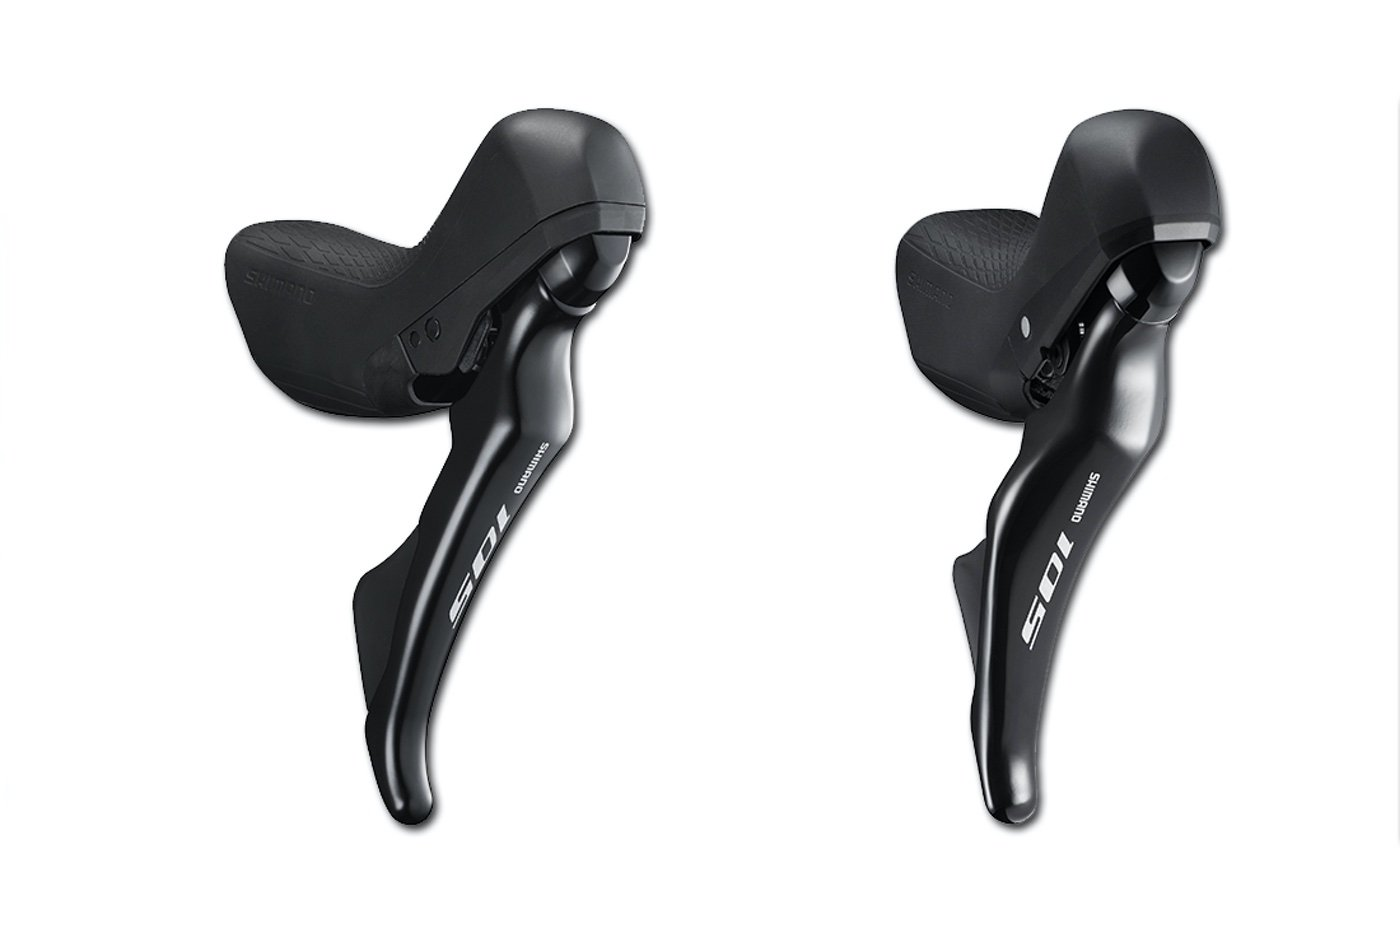 Manetas R7020 y R7025 nuevo Shimano 105 R7000